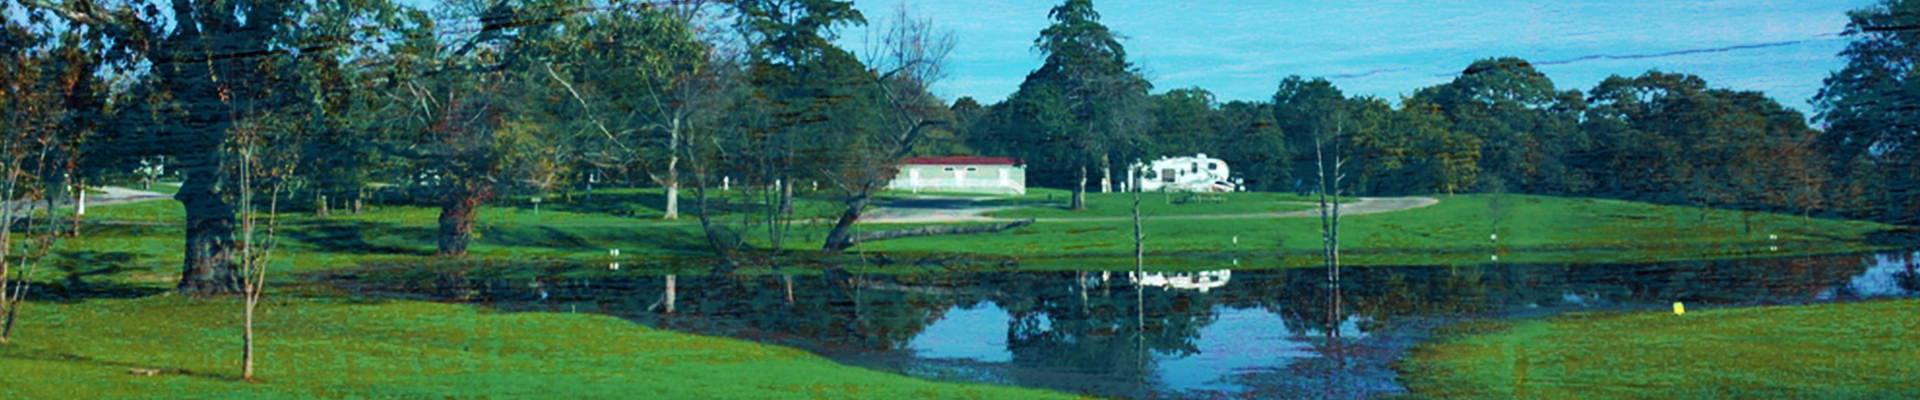 Mill Creek Ranch RV Park